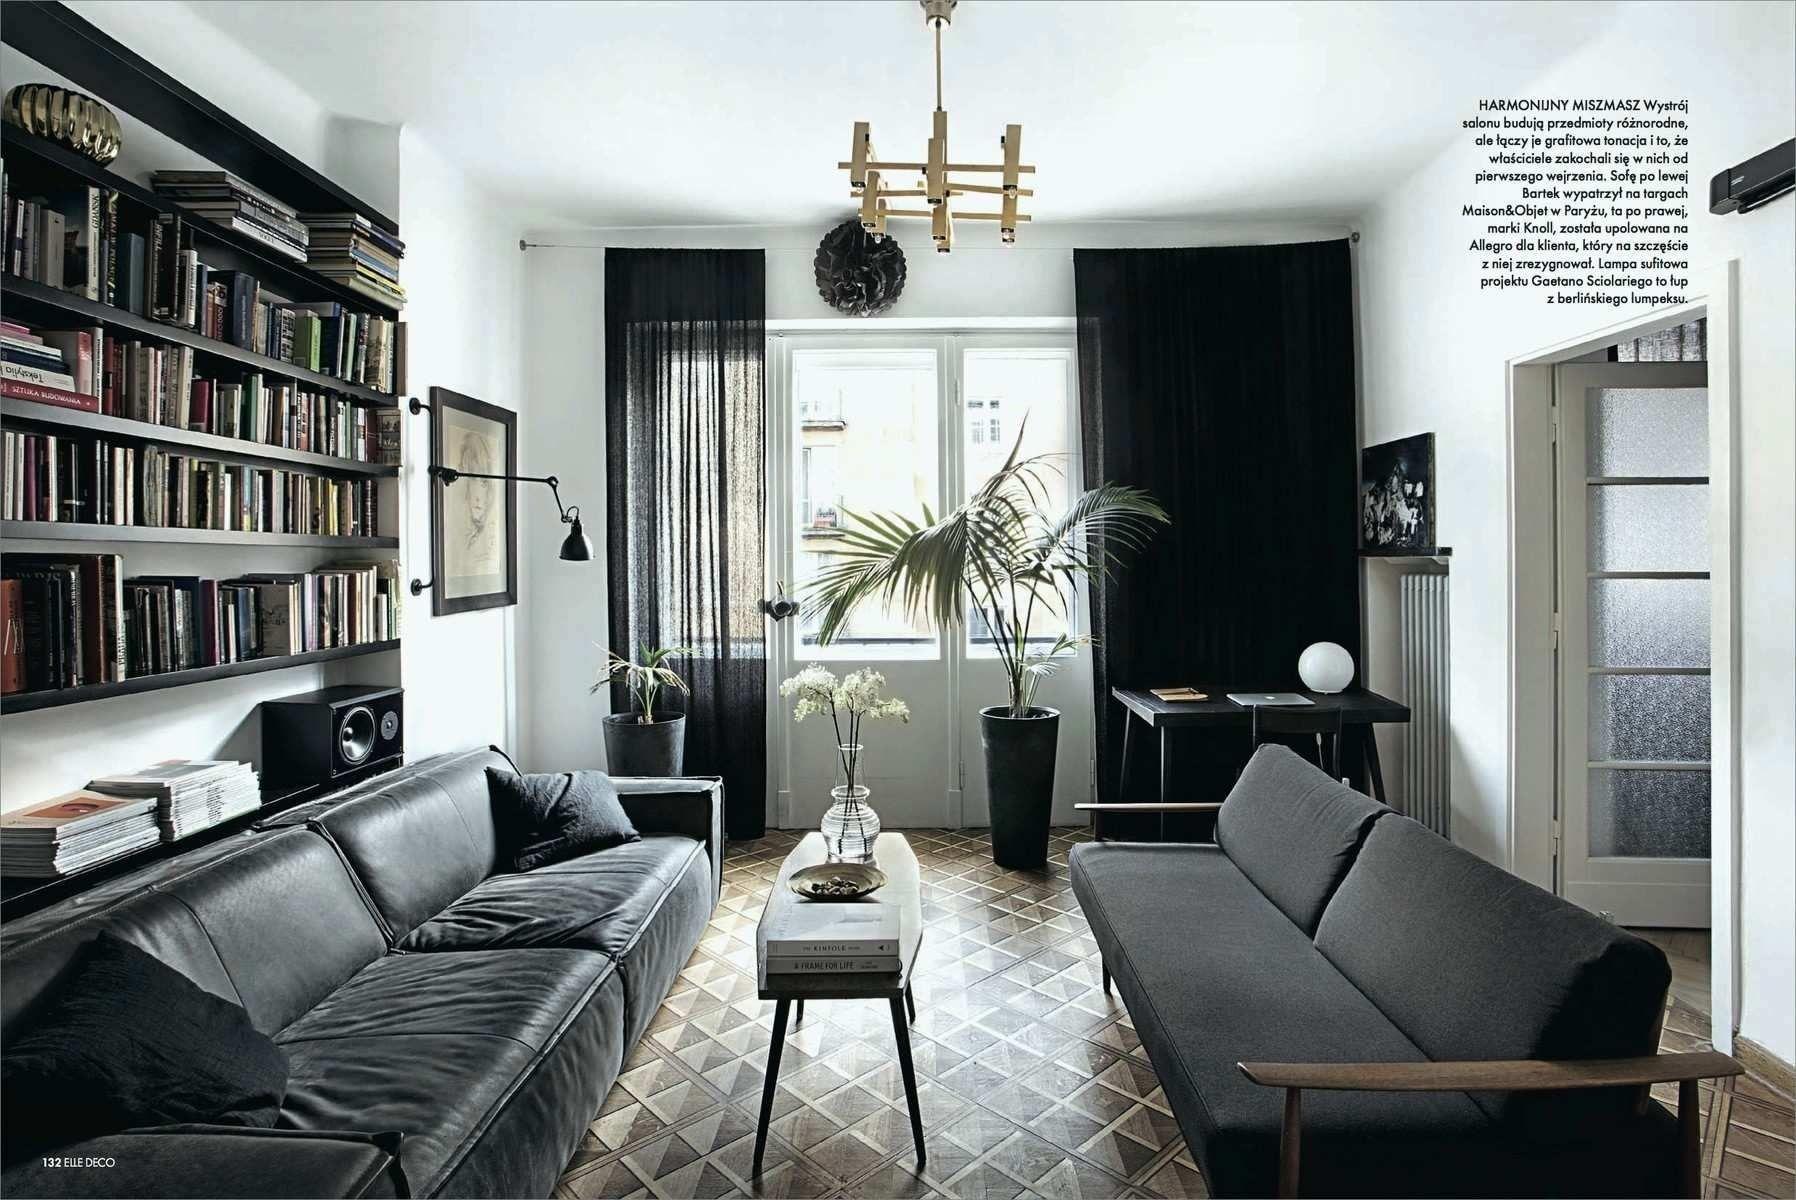 Idee Deco Salon Design 201 idee deco salon sejour (avec images) | decoration